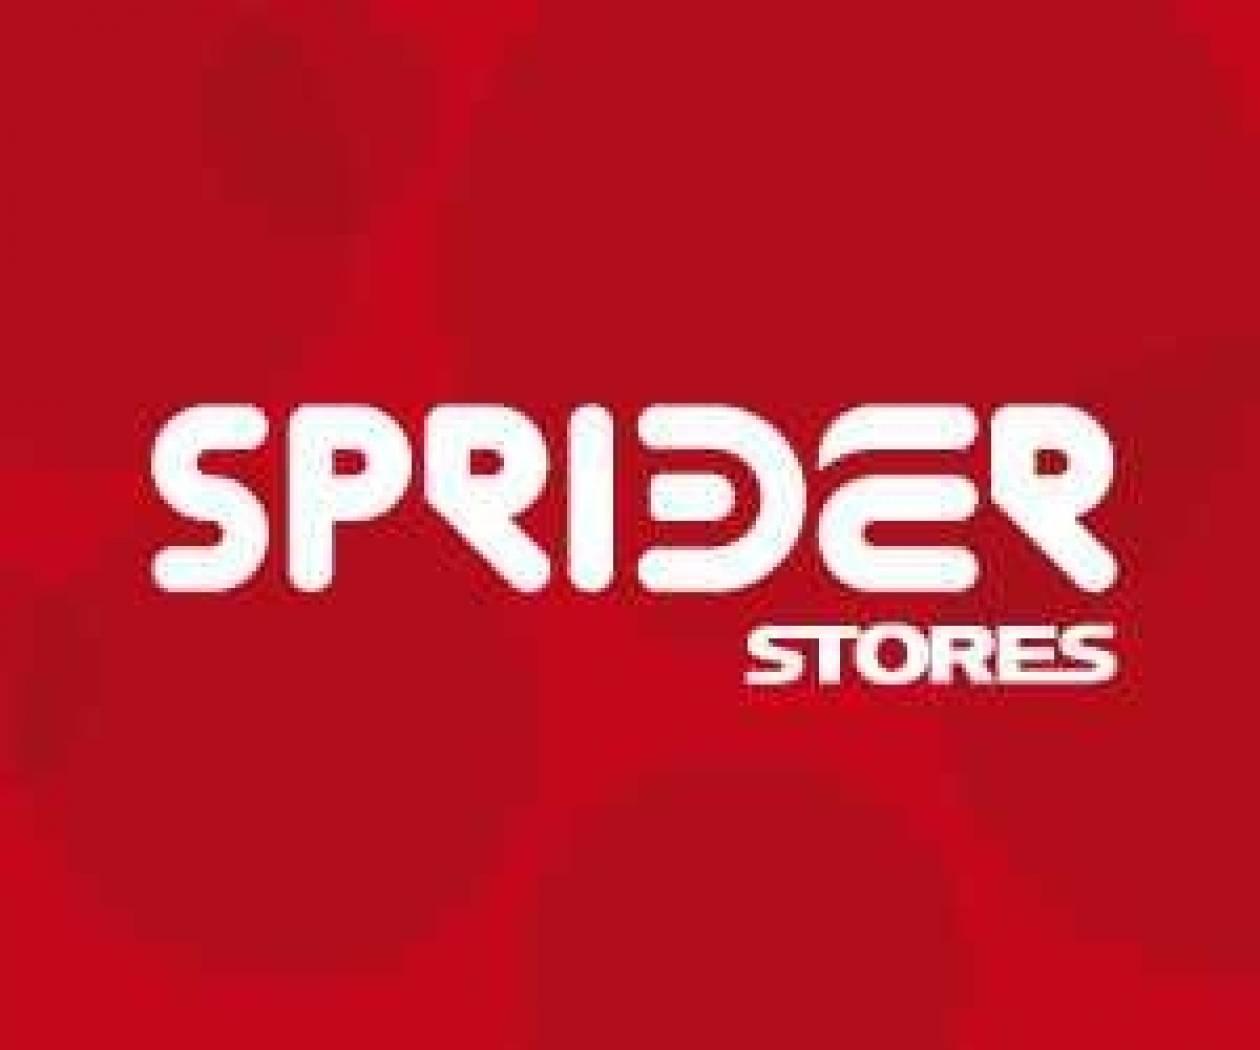 Διώξεις σε βαθμό κακουργήματος για «στημένη» φωτιά στα Sprider Stores